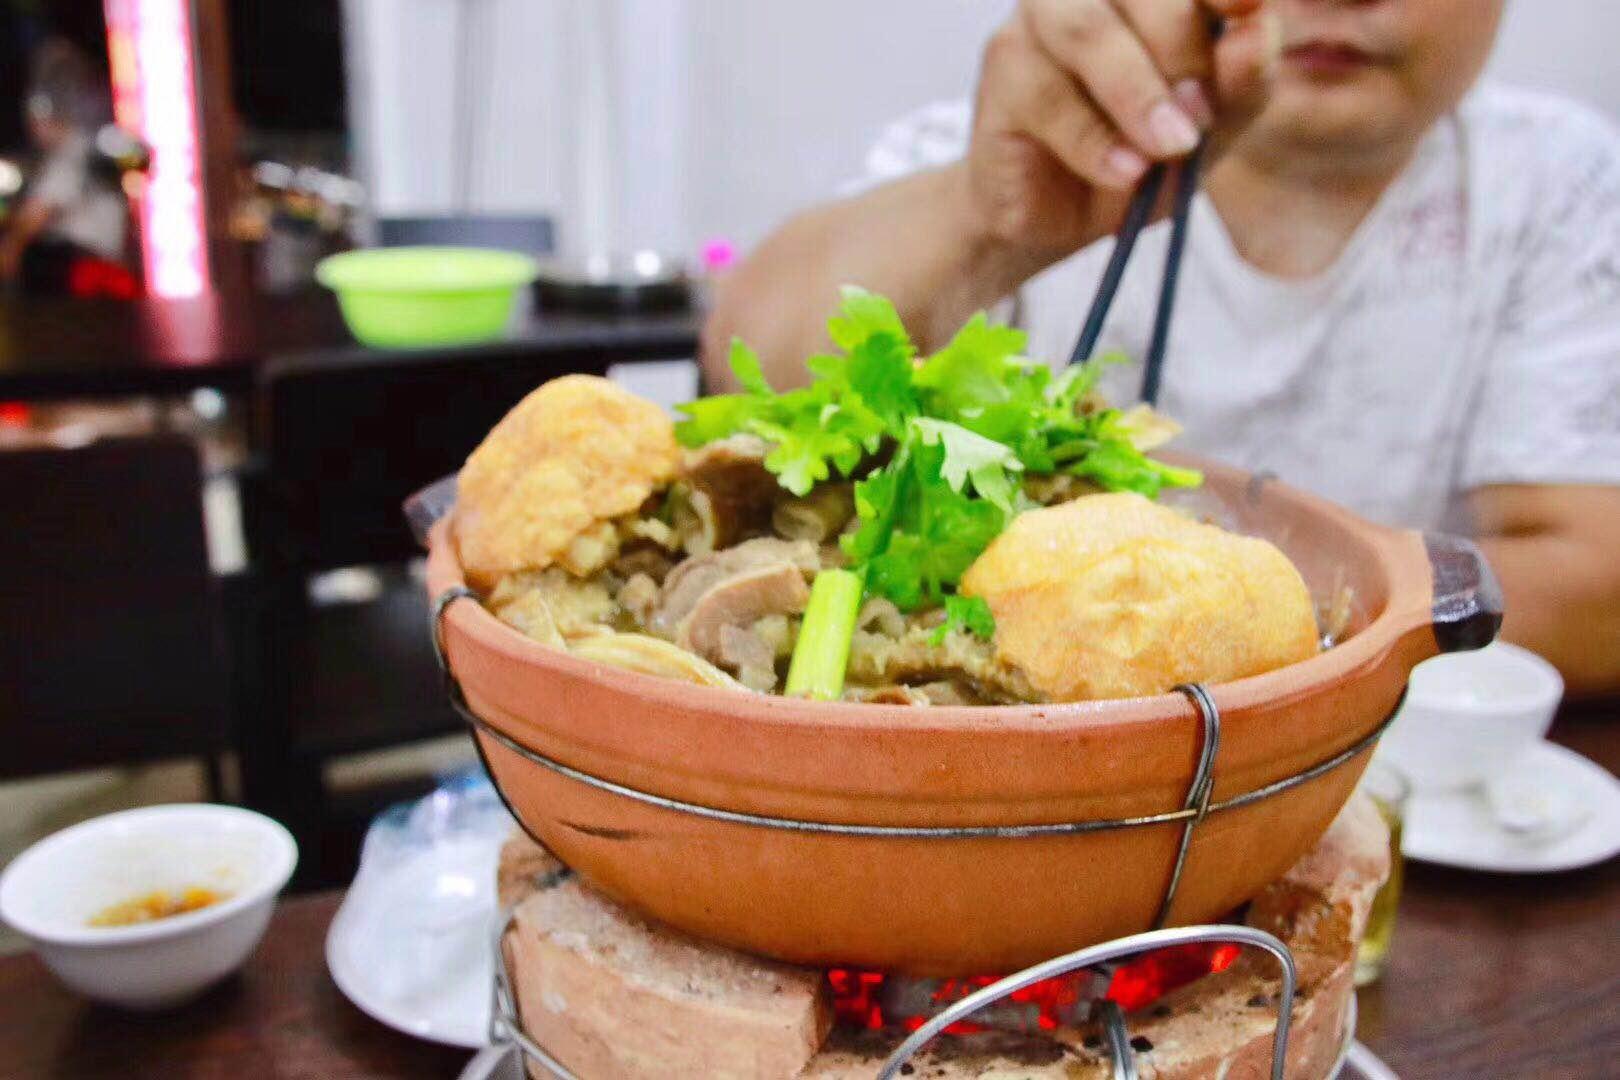 广东最被忽略的美食之城,没想到是它【东莞广告联盟】 人在旅途 第1张